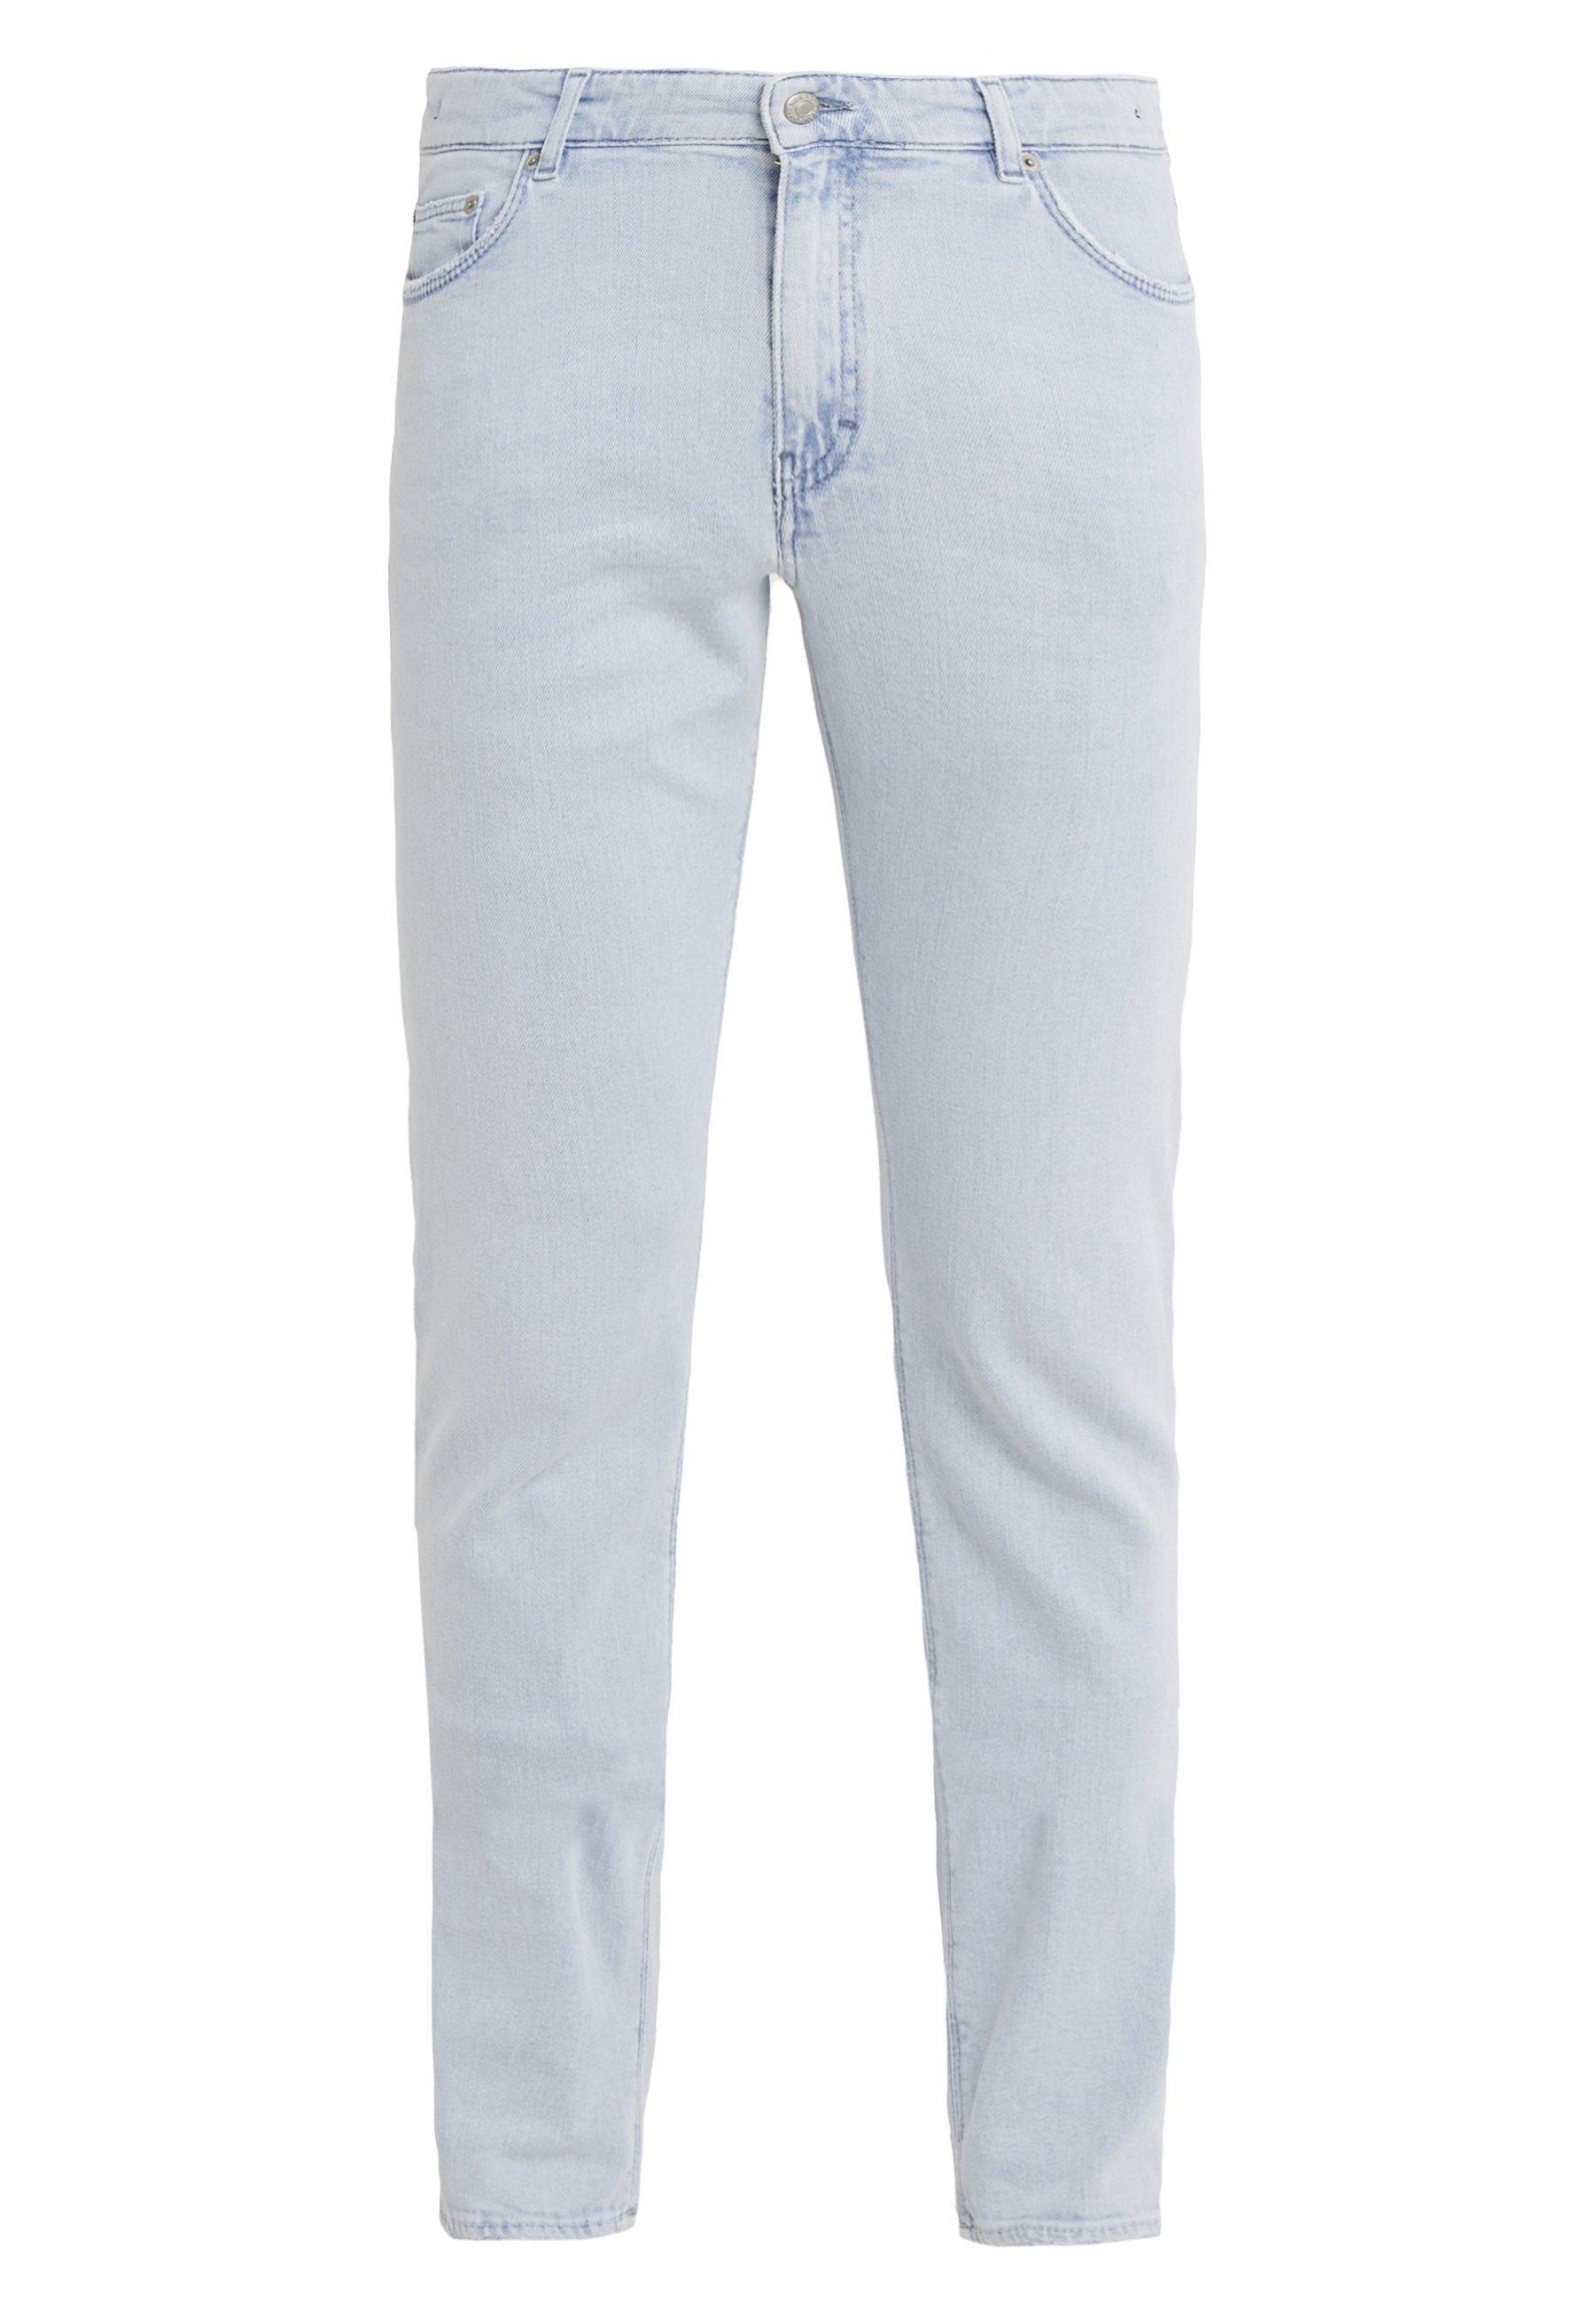 Drykorn Slick - Jeans Slim Fit Light Blue